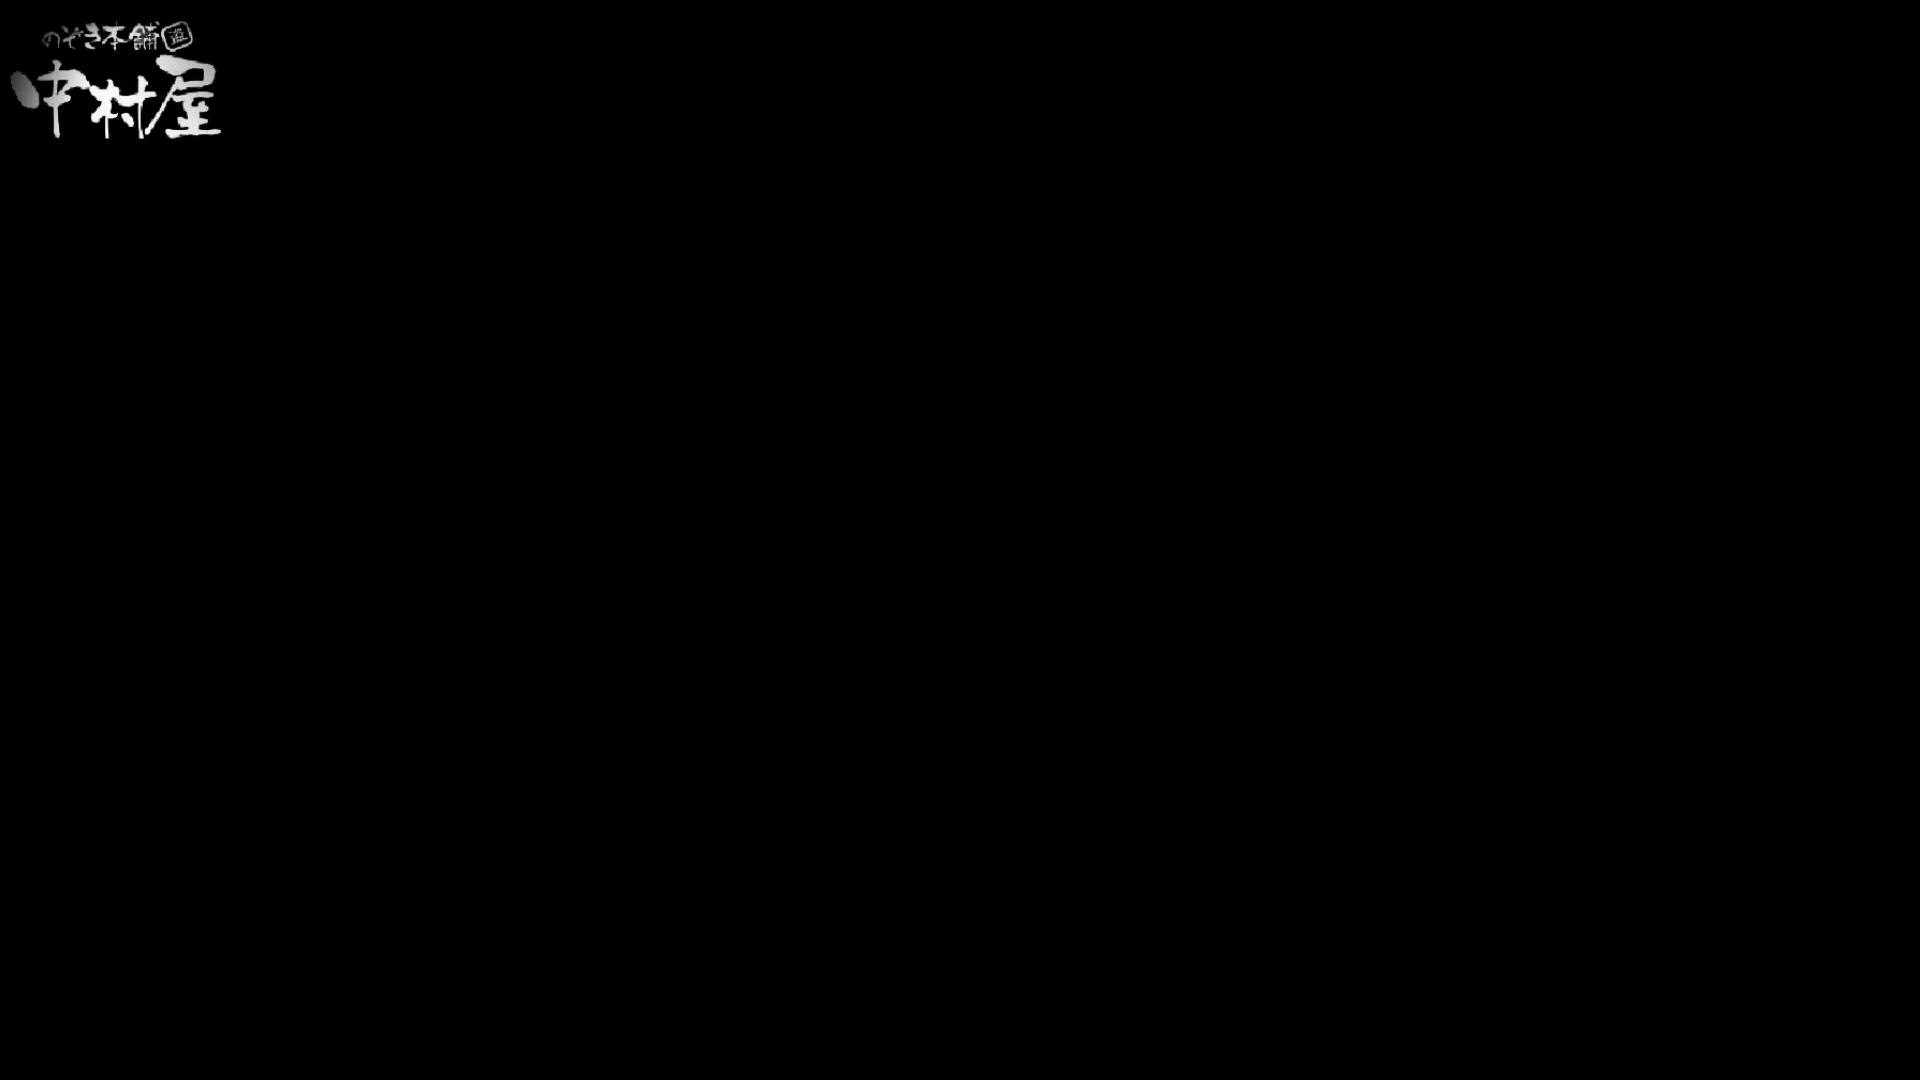 雅さんが厳選新年特別コンテンツ!激走!東京マラソン選手専用女子トイレvol.9 女子トイレ潜入 性交動画流出 101pic 101